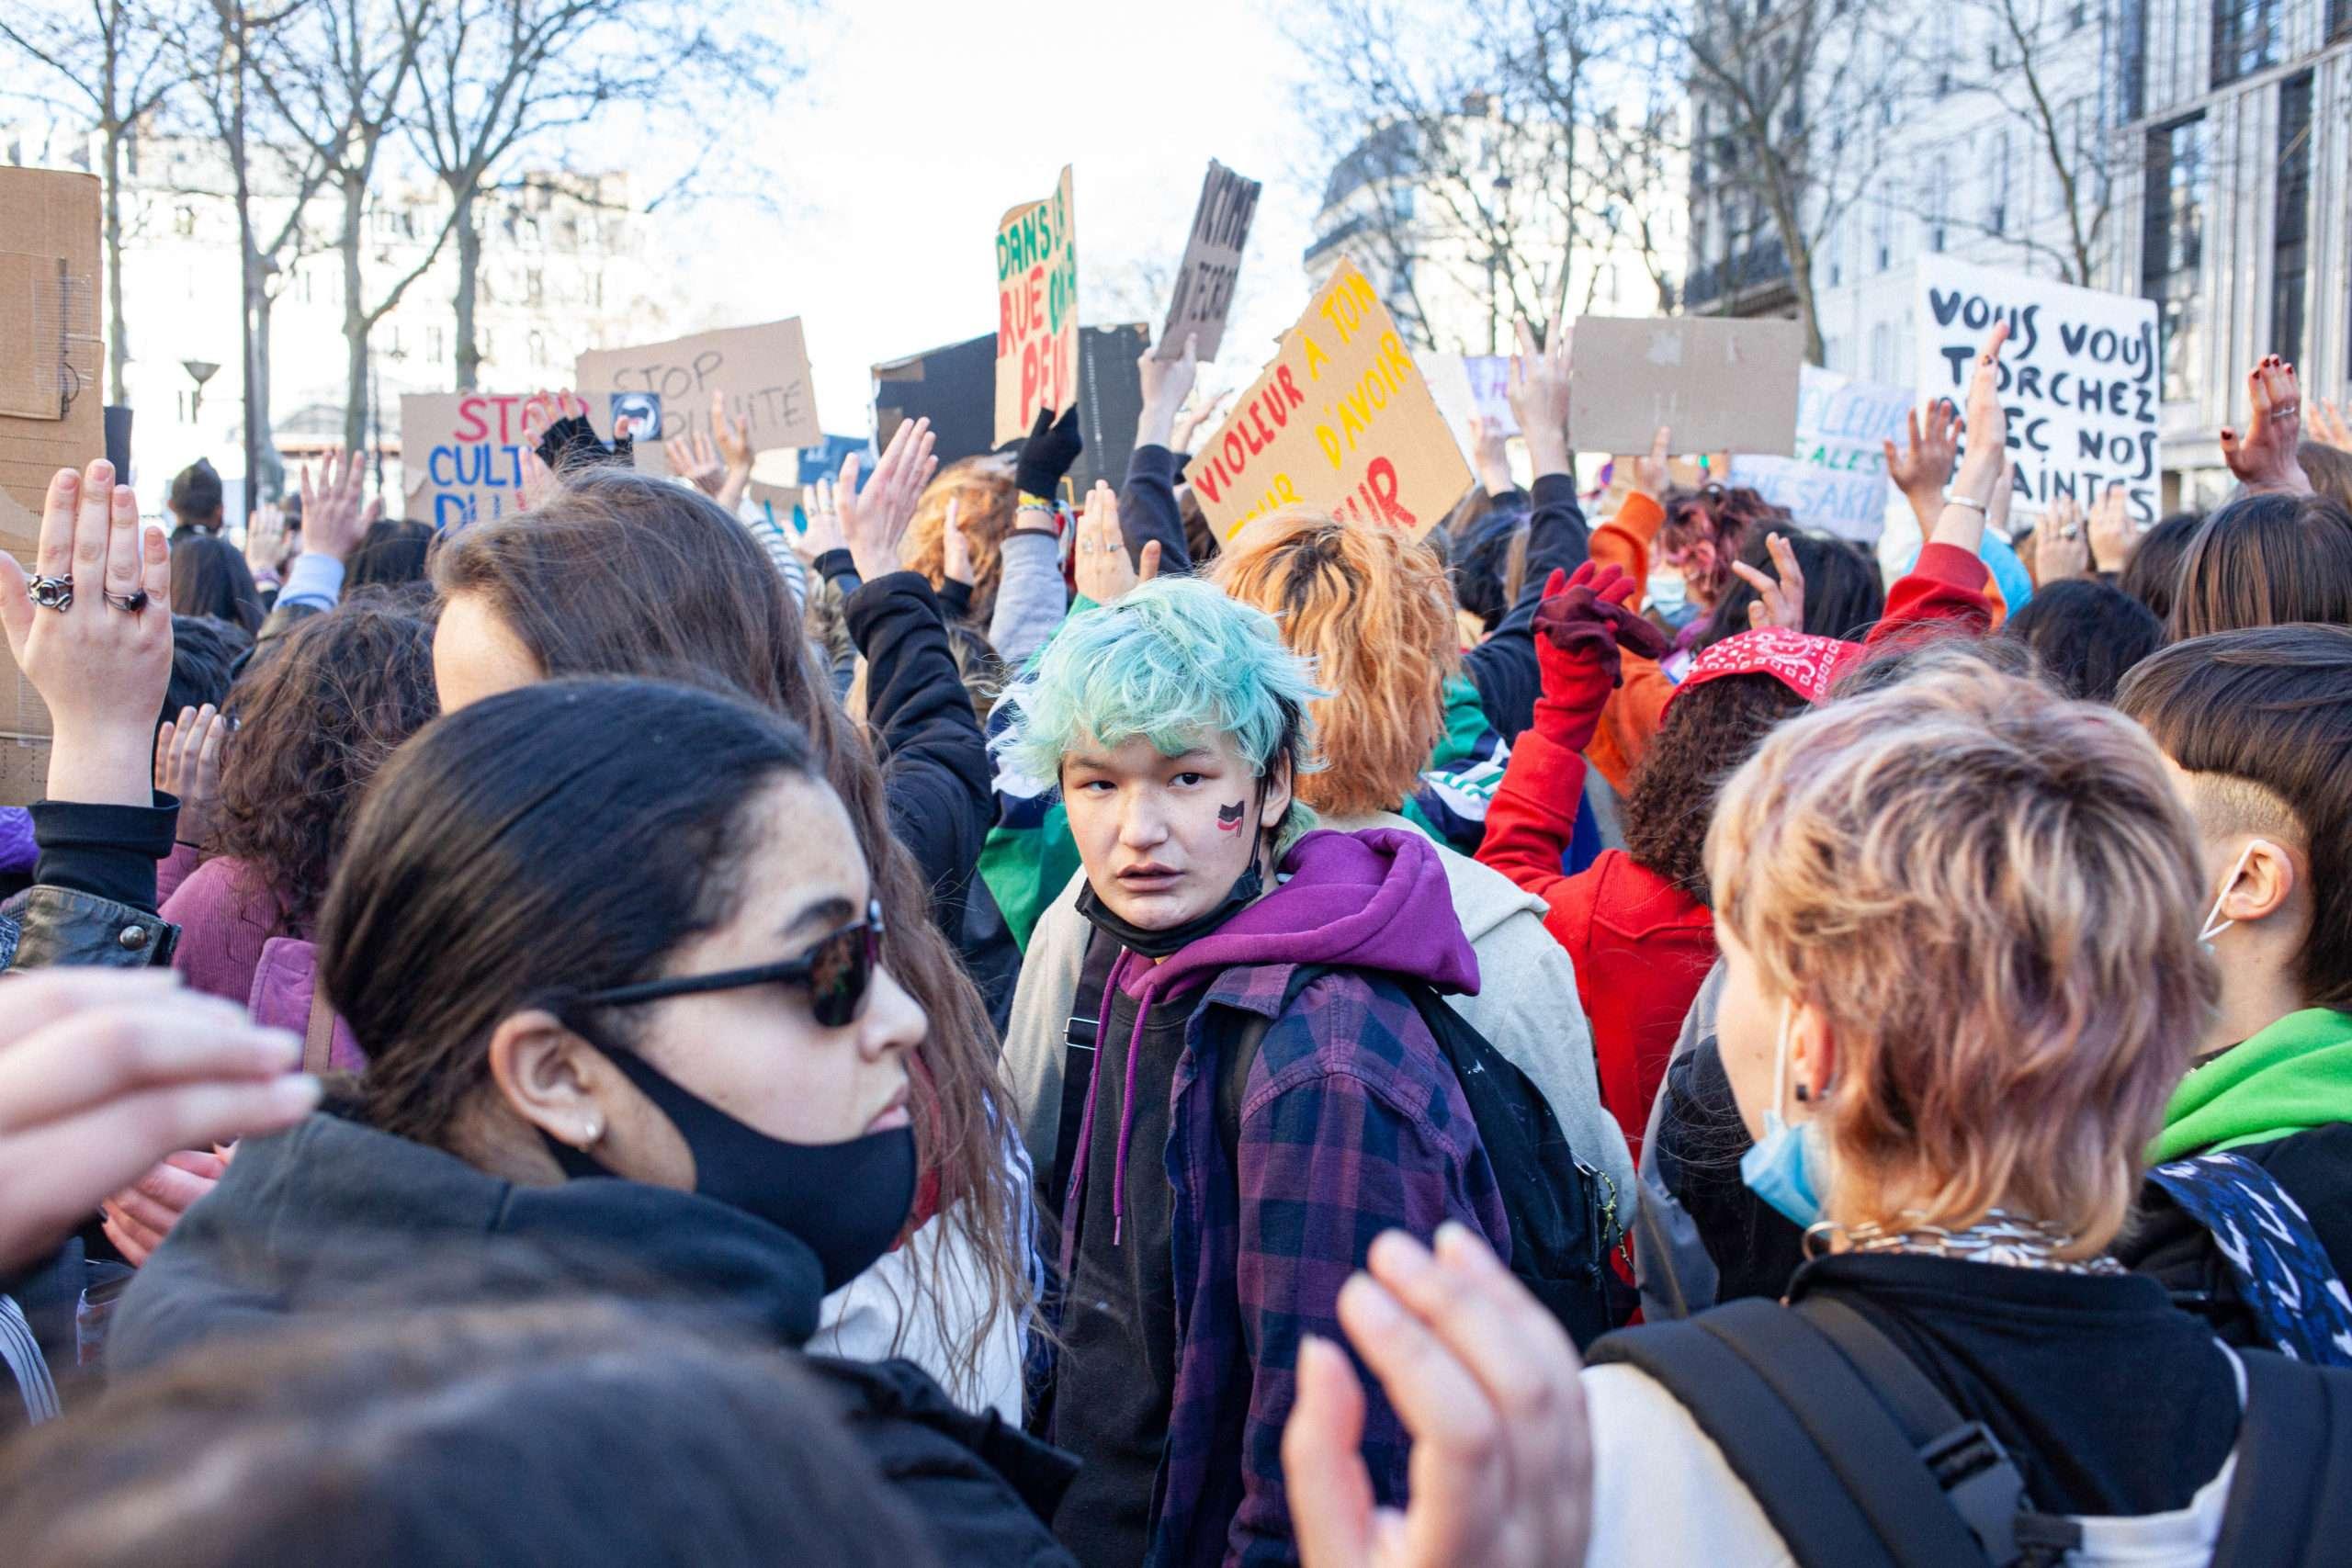 Du 6 au 8 mars, la colère féministe contre la violence patriarcale